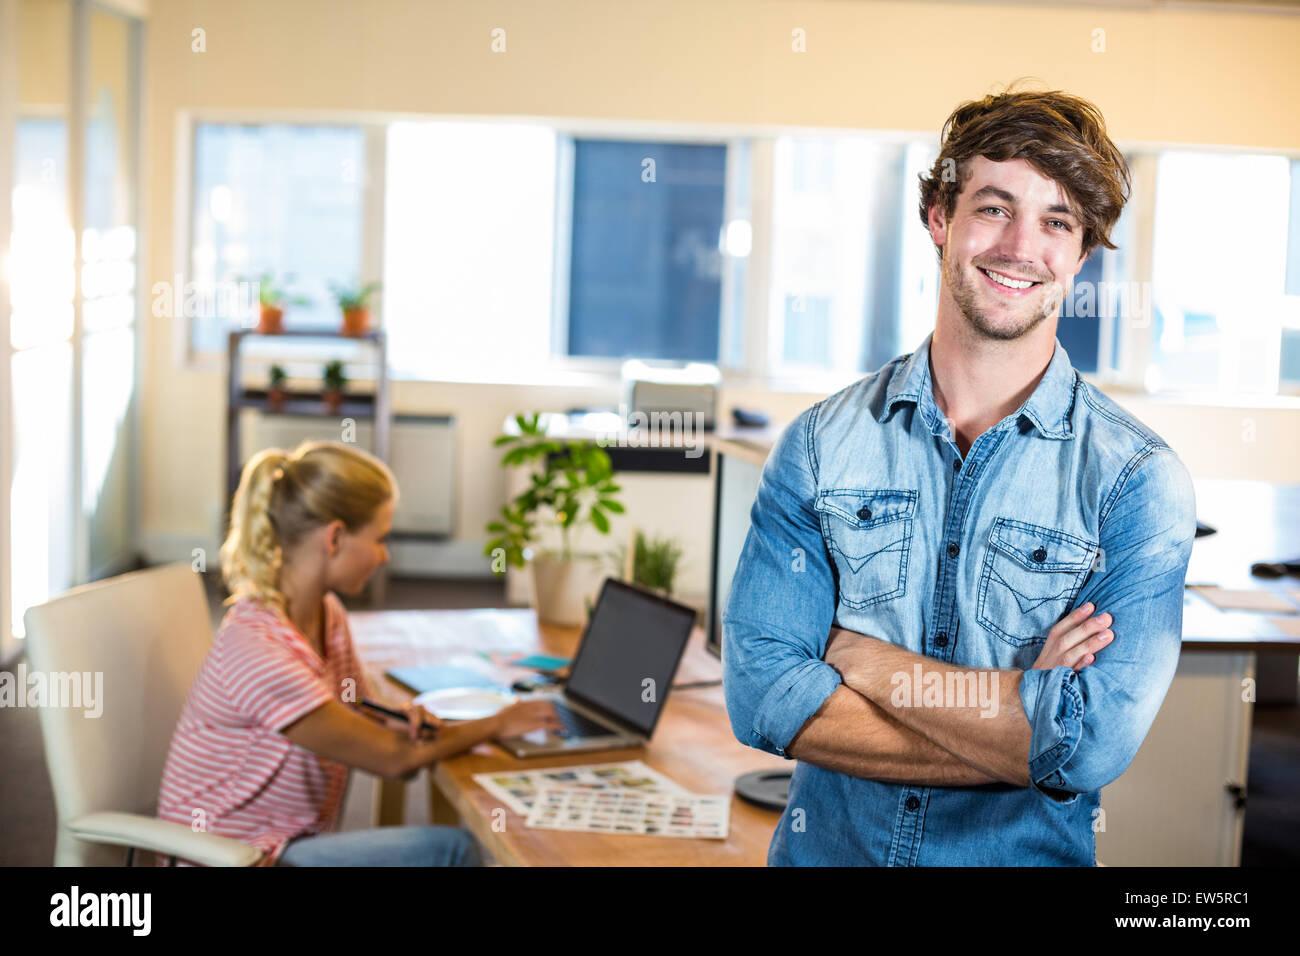 Smiling businessman posing avec son partenaire derrière lui Photo Stock